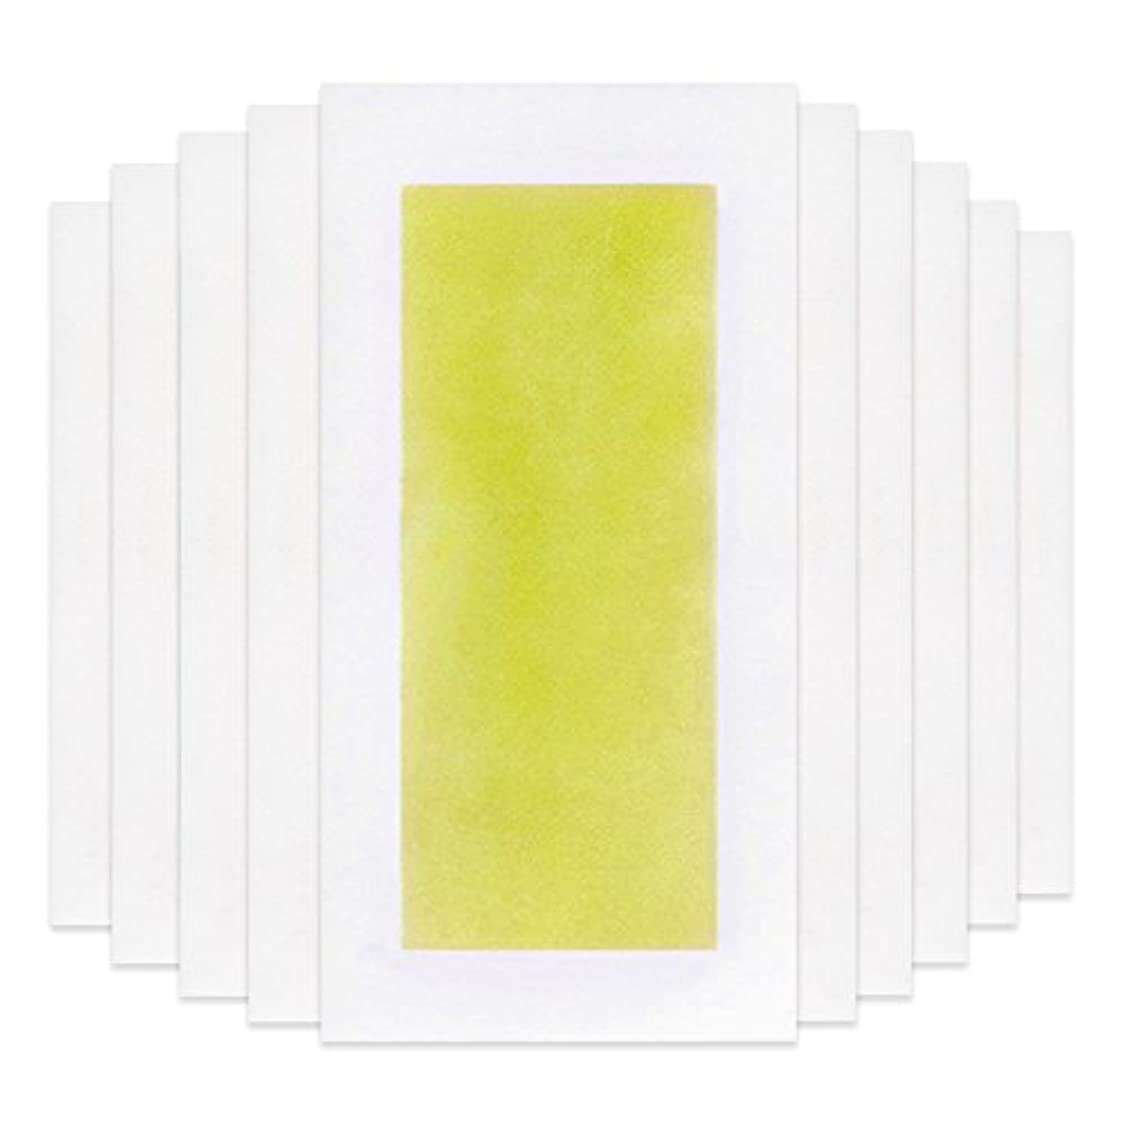 マニアクリープ胚Rabugoo 脚の身体の顔のための10個のプロフェッショナルな夏の脱毛ダブルサイドコールドワックスストリップ紙 Yellow